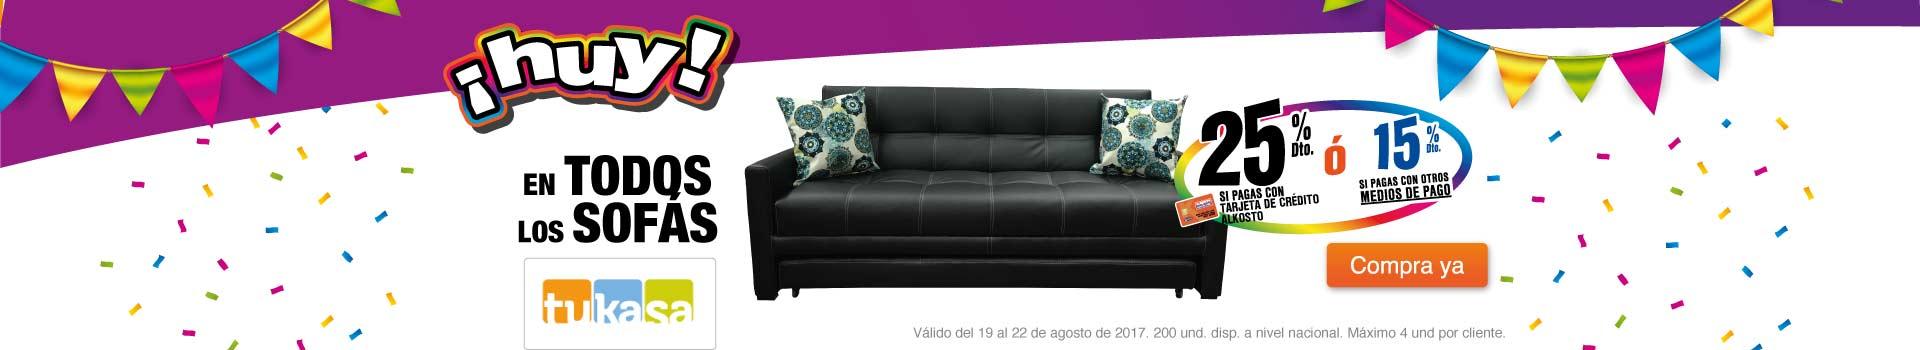 CAT AK -2-muebles-sofas-tu-ksa-ago19-22